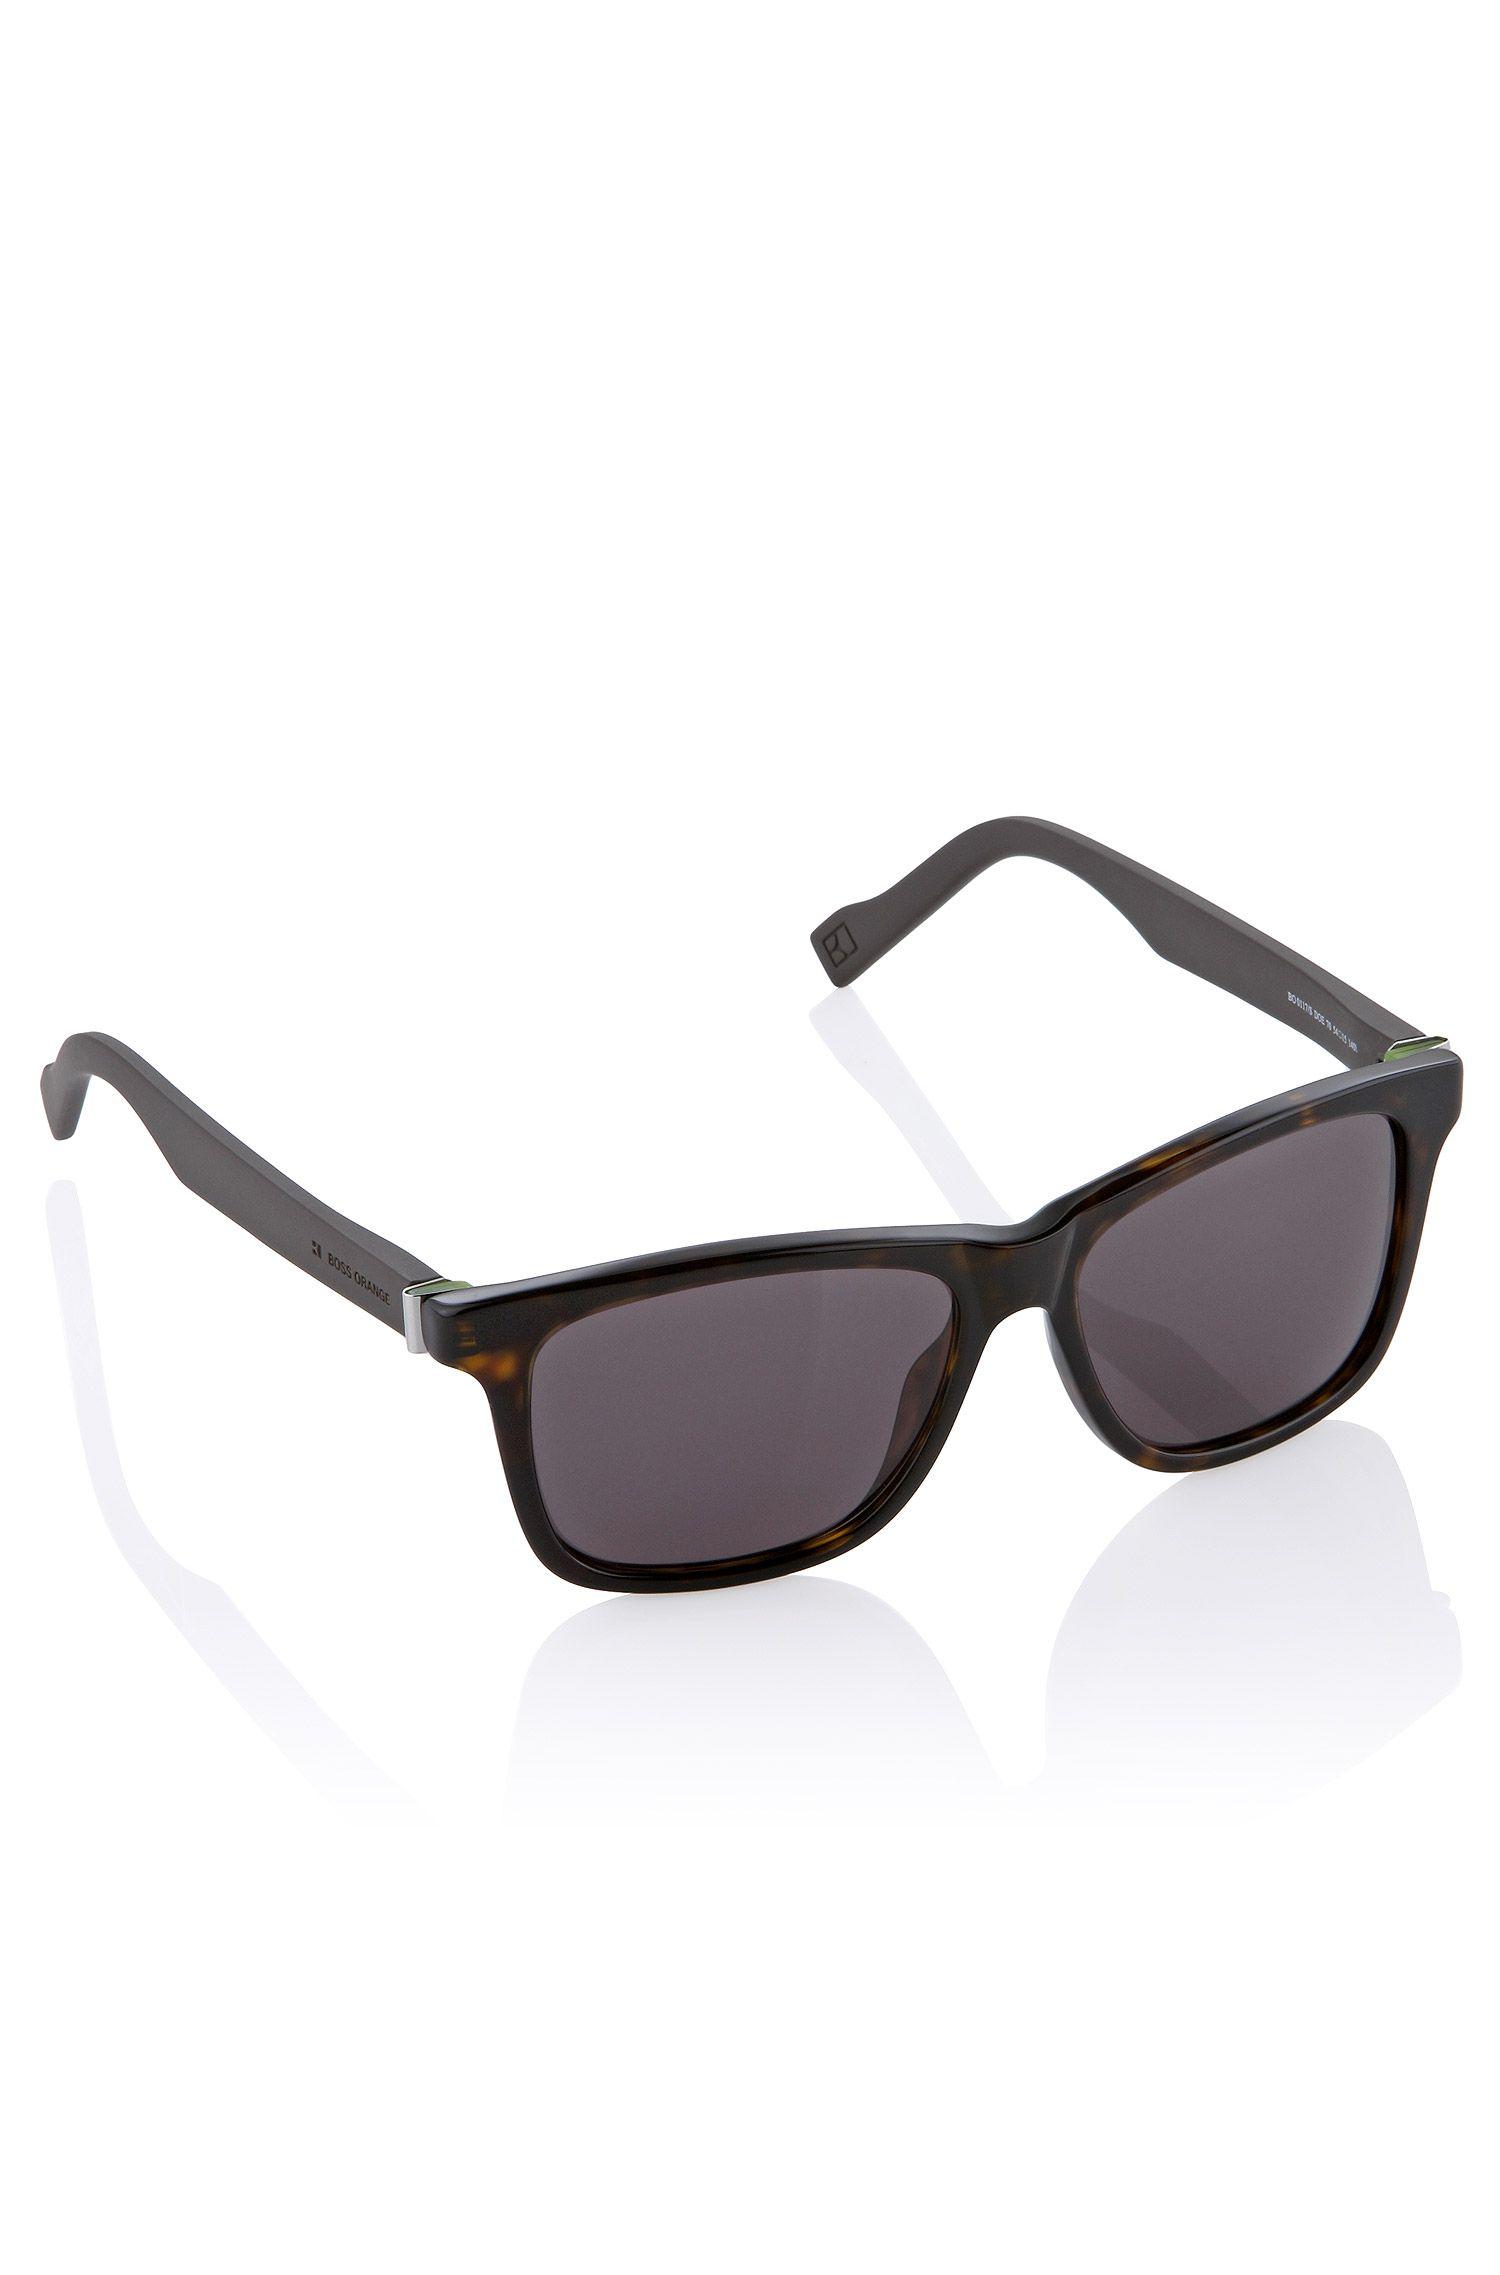 Gafas de sol de los 80 'BO 0117/S' con degradado